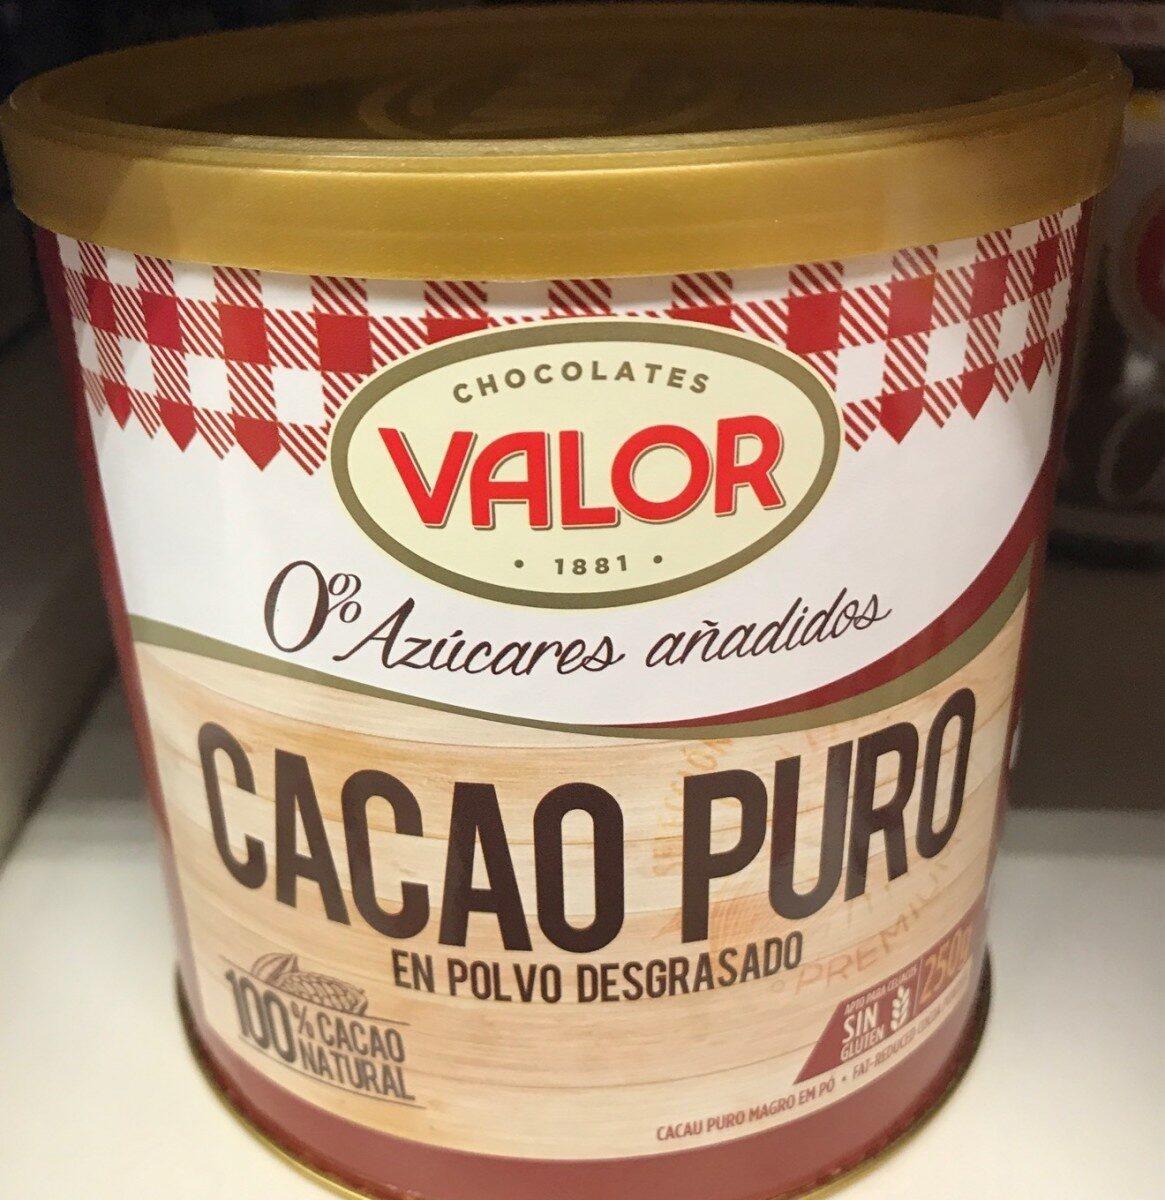 Cacao puro 0% - Product - es